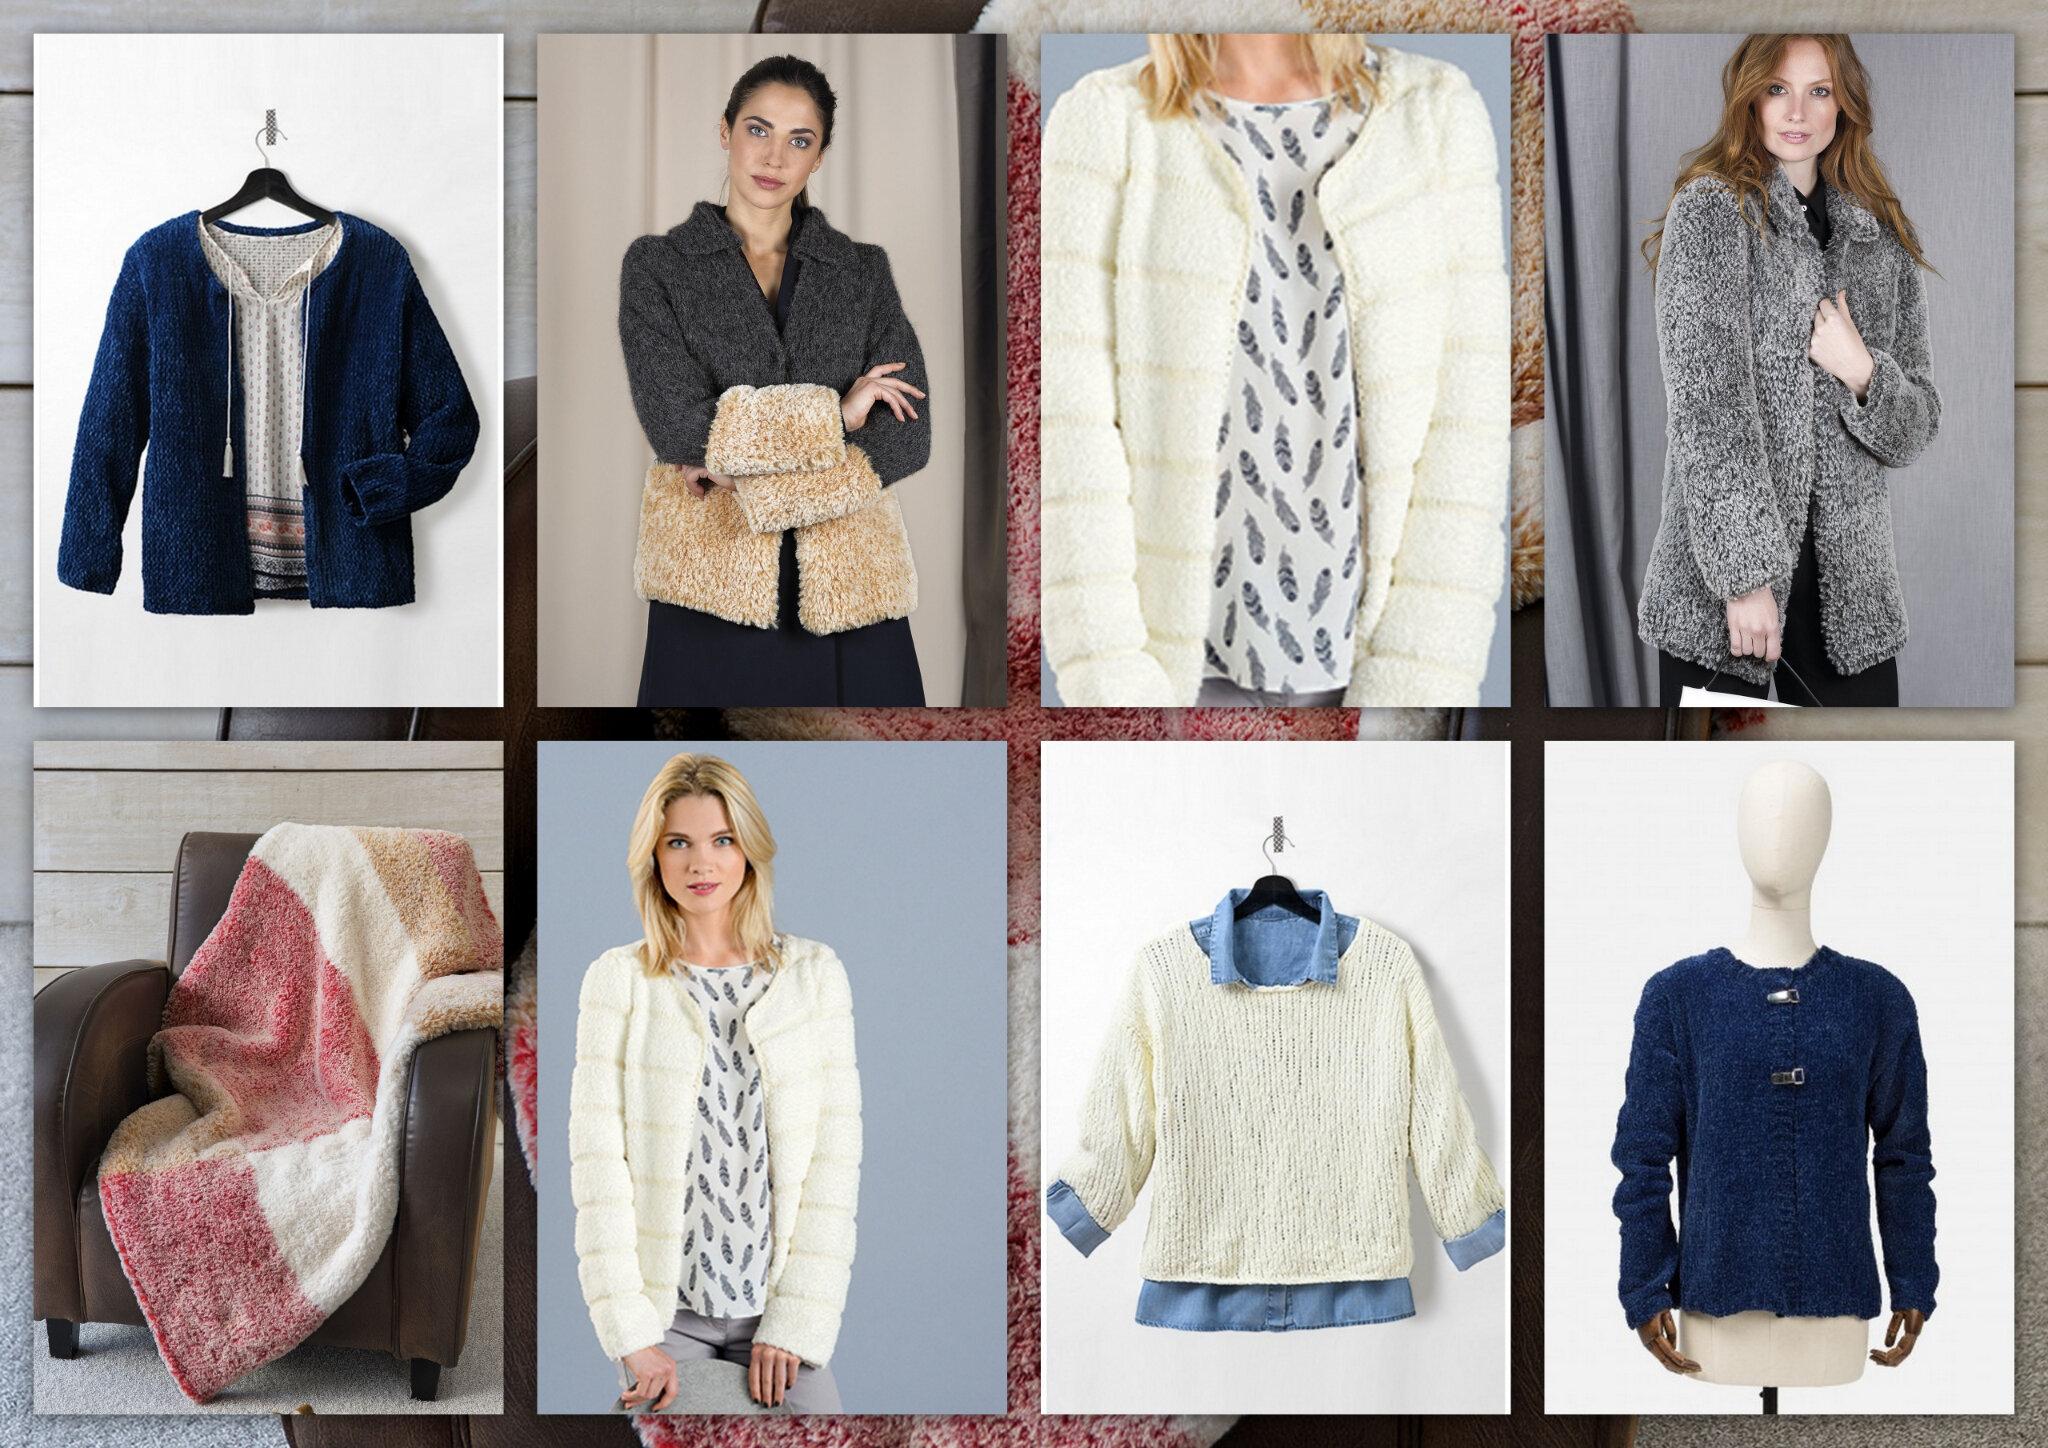 Les laines à la mode cette saison : Le velours et la fourrure!